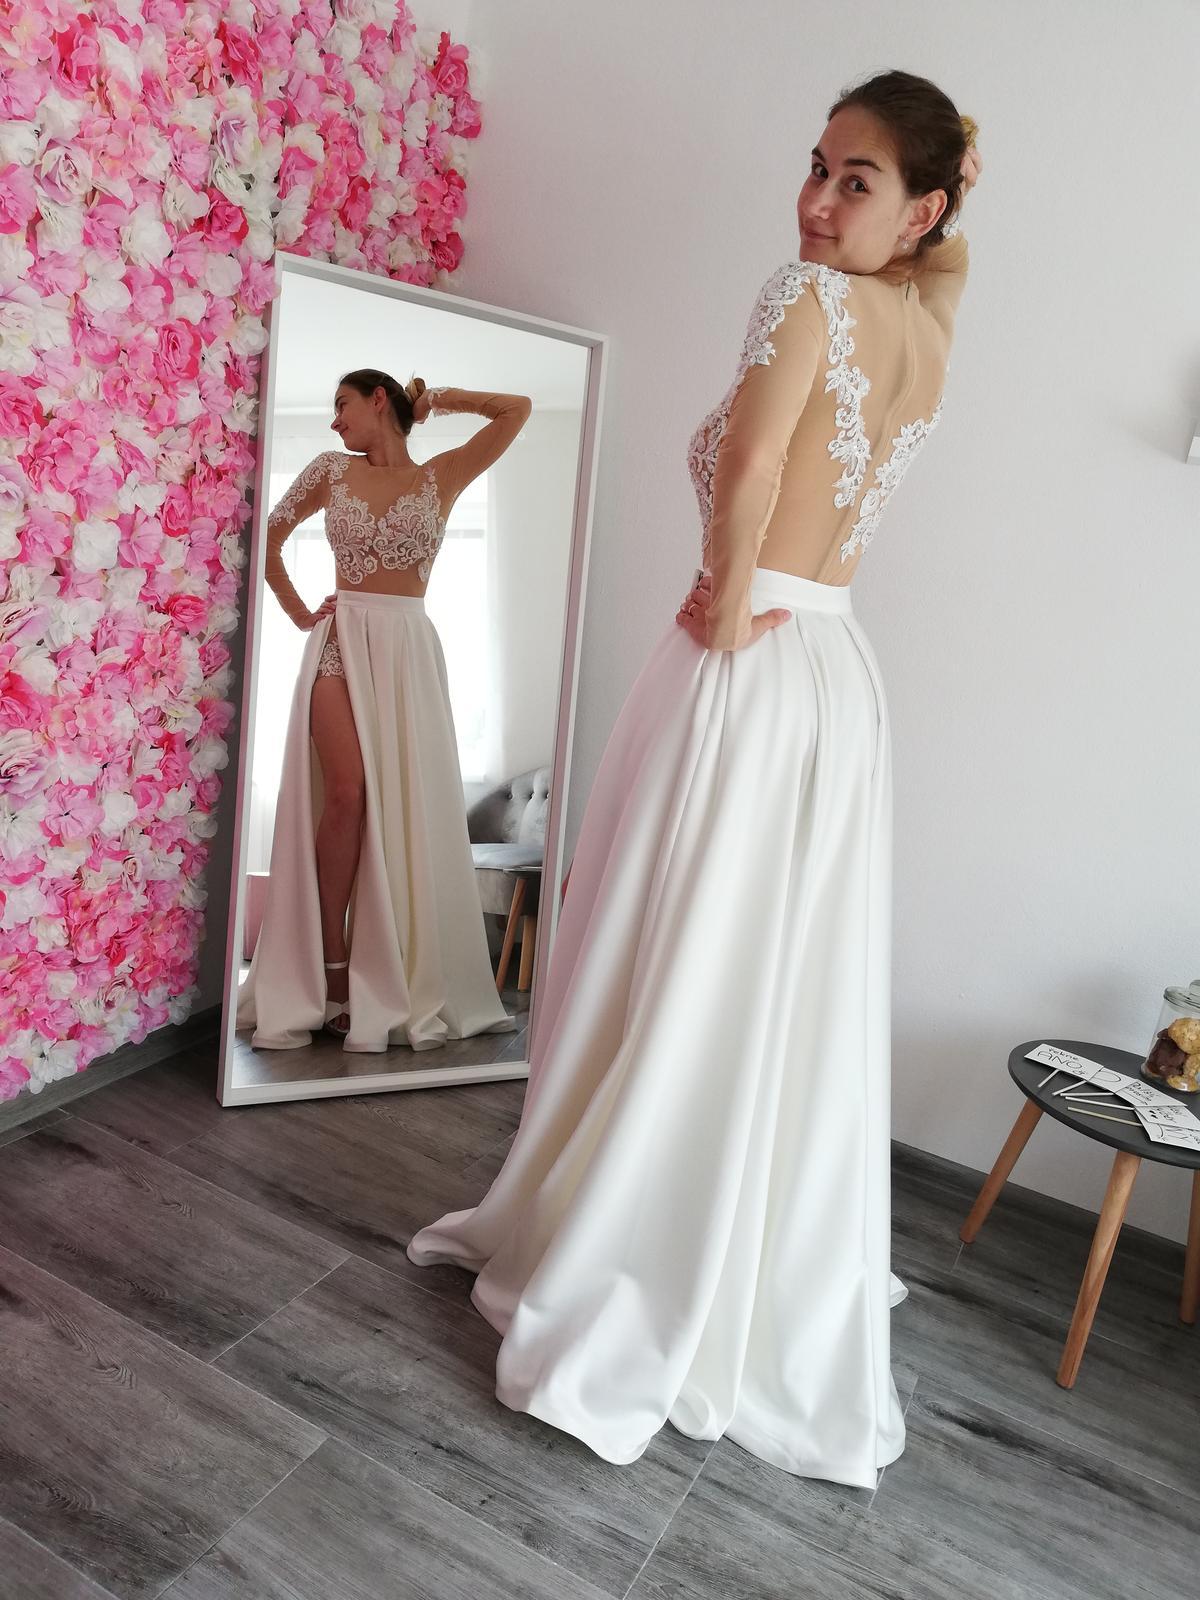 Ohromující svatební šaty - body a sukně - Obrázek č. 4